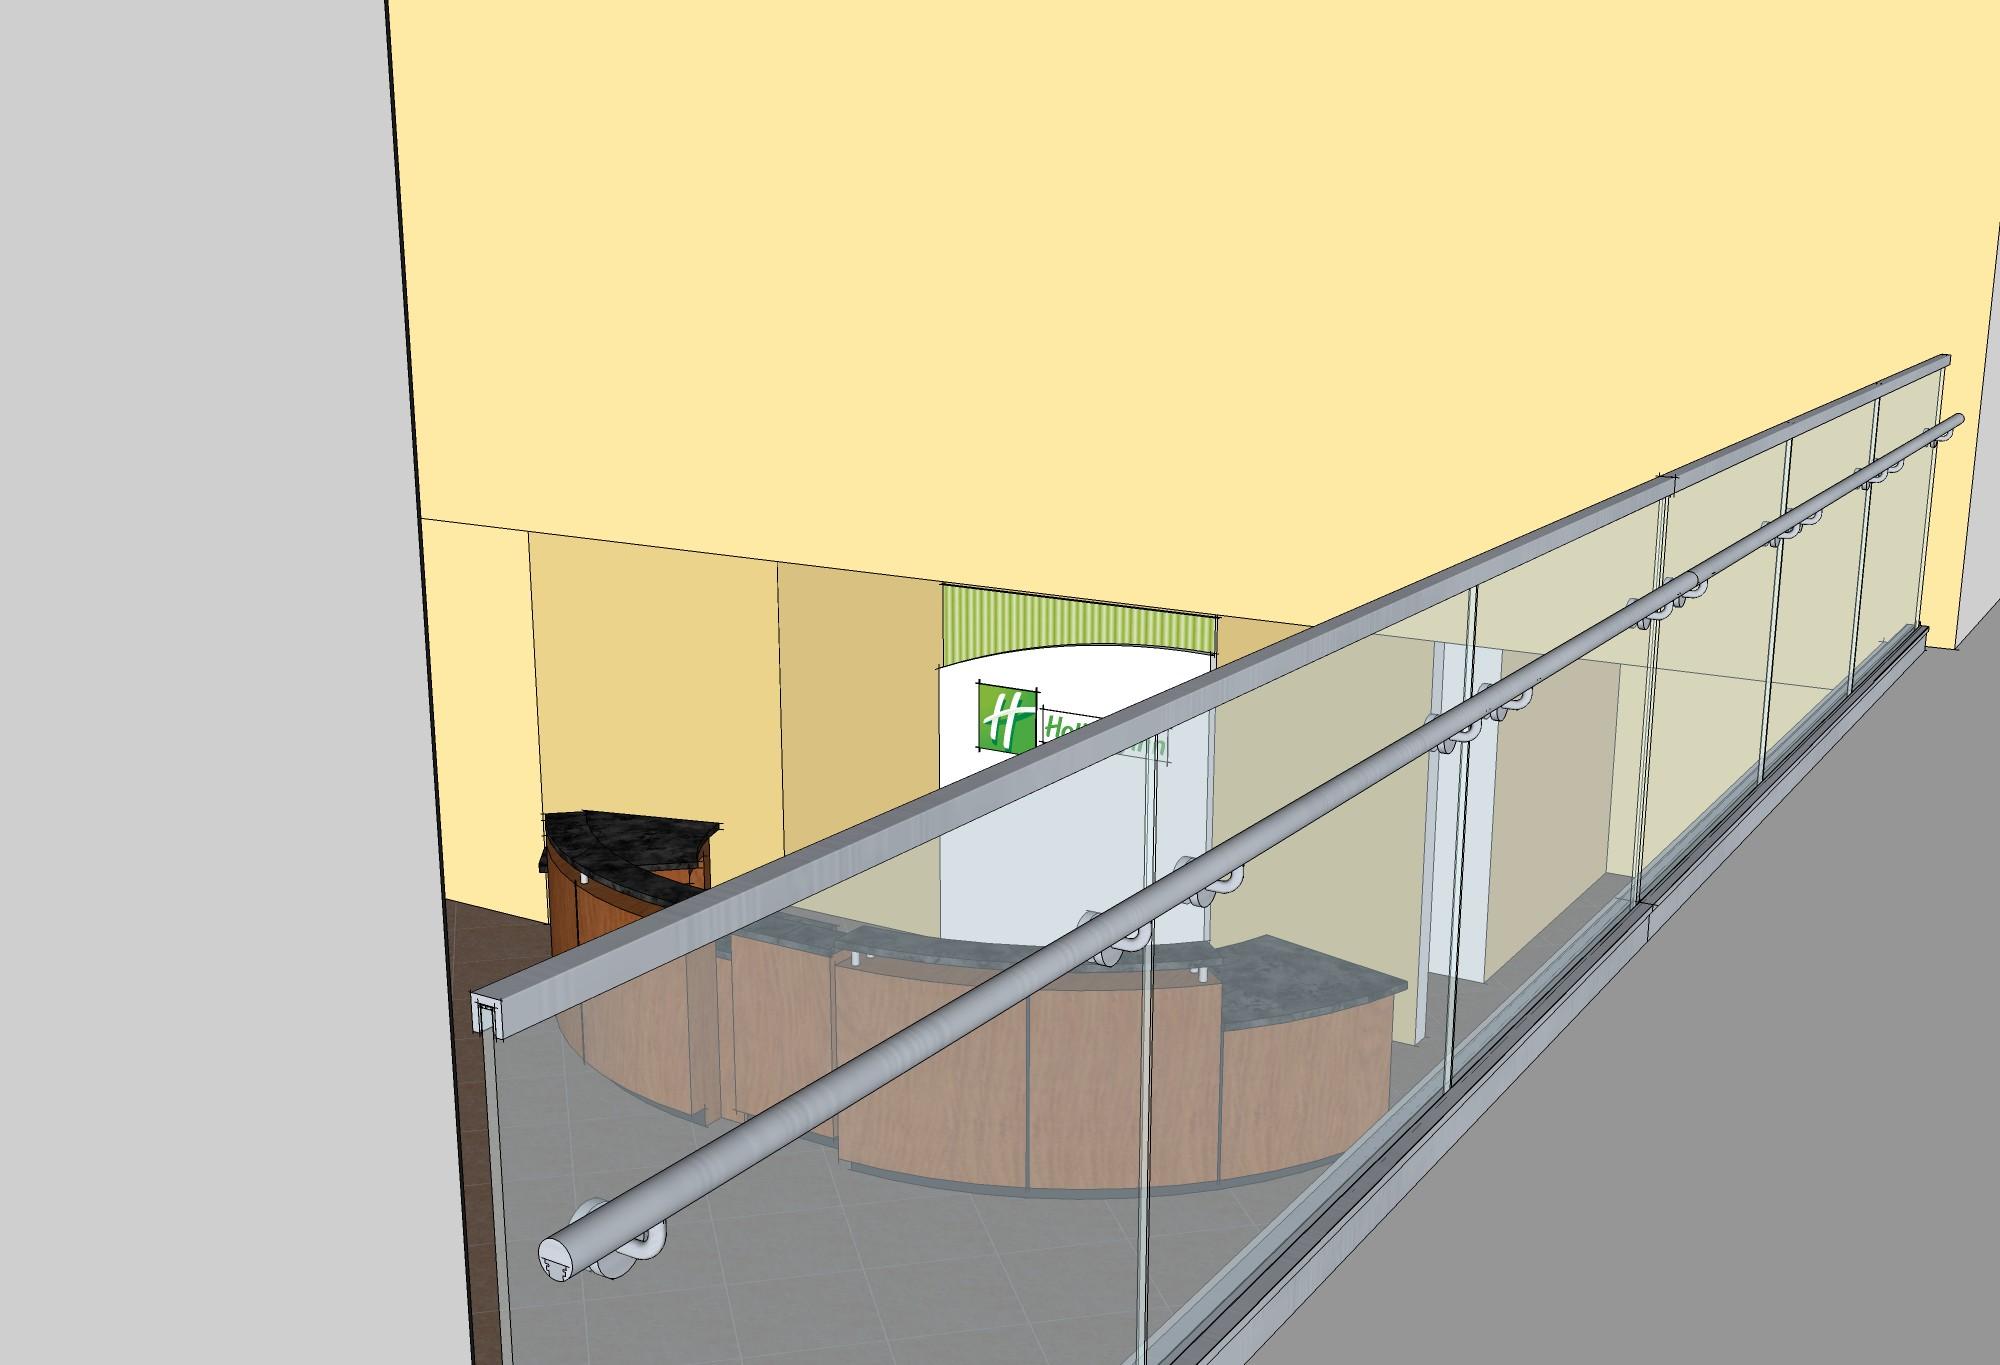 Holiday Inn NE_Interior 2.jpg